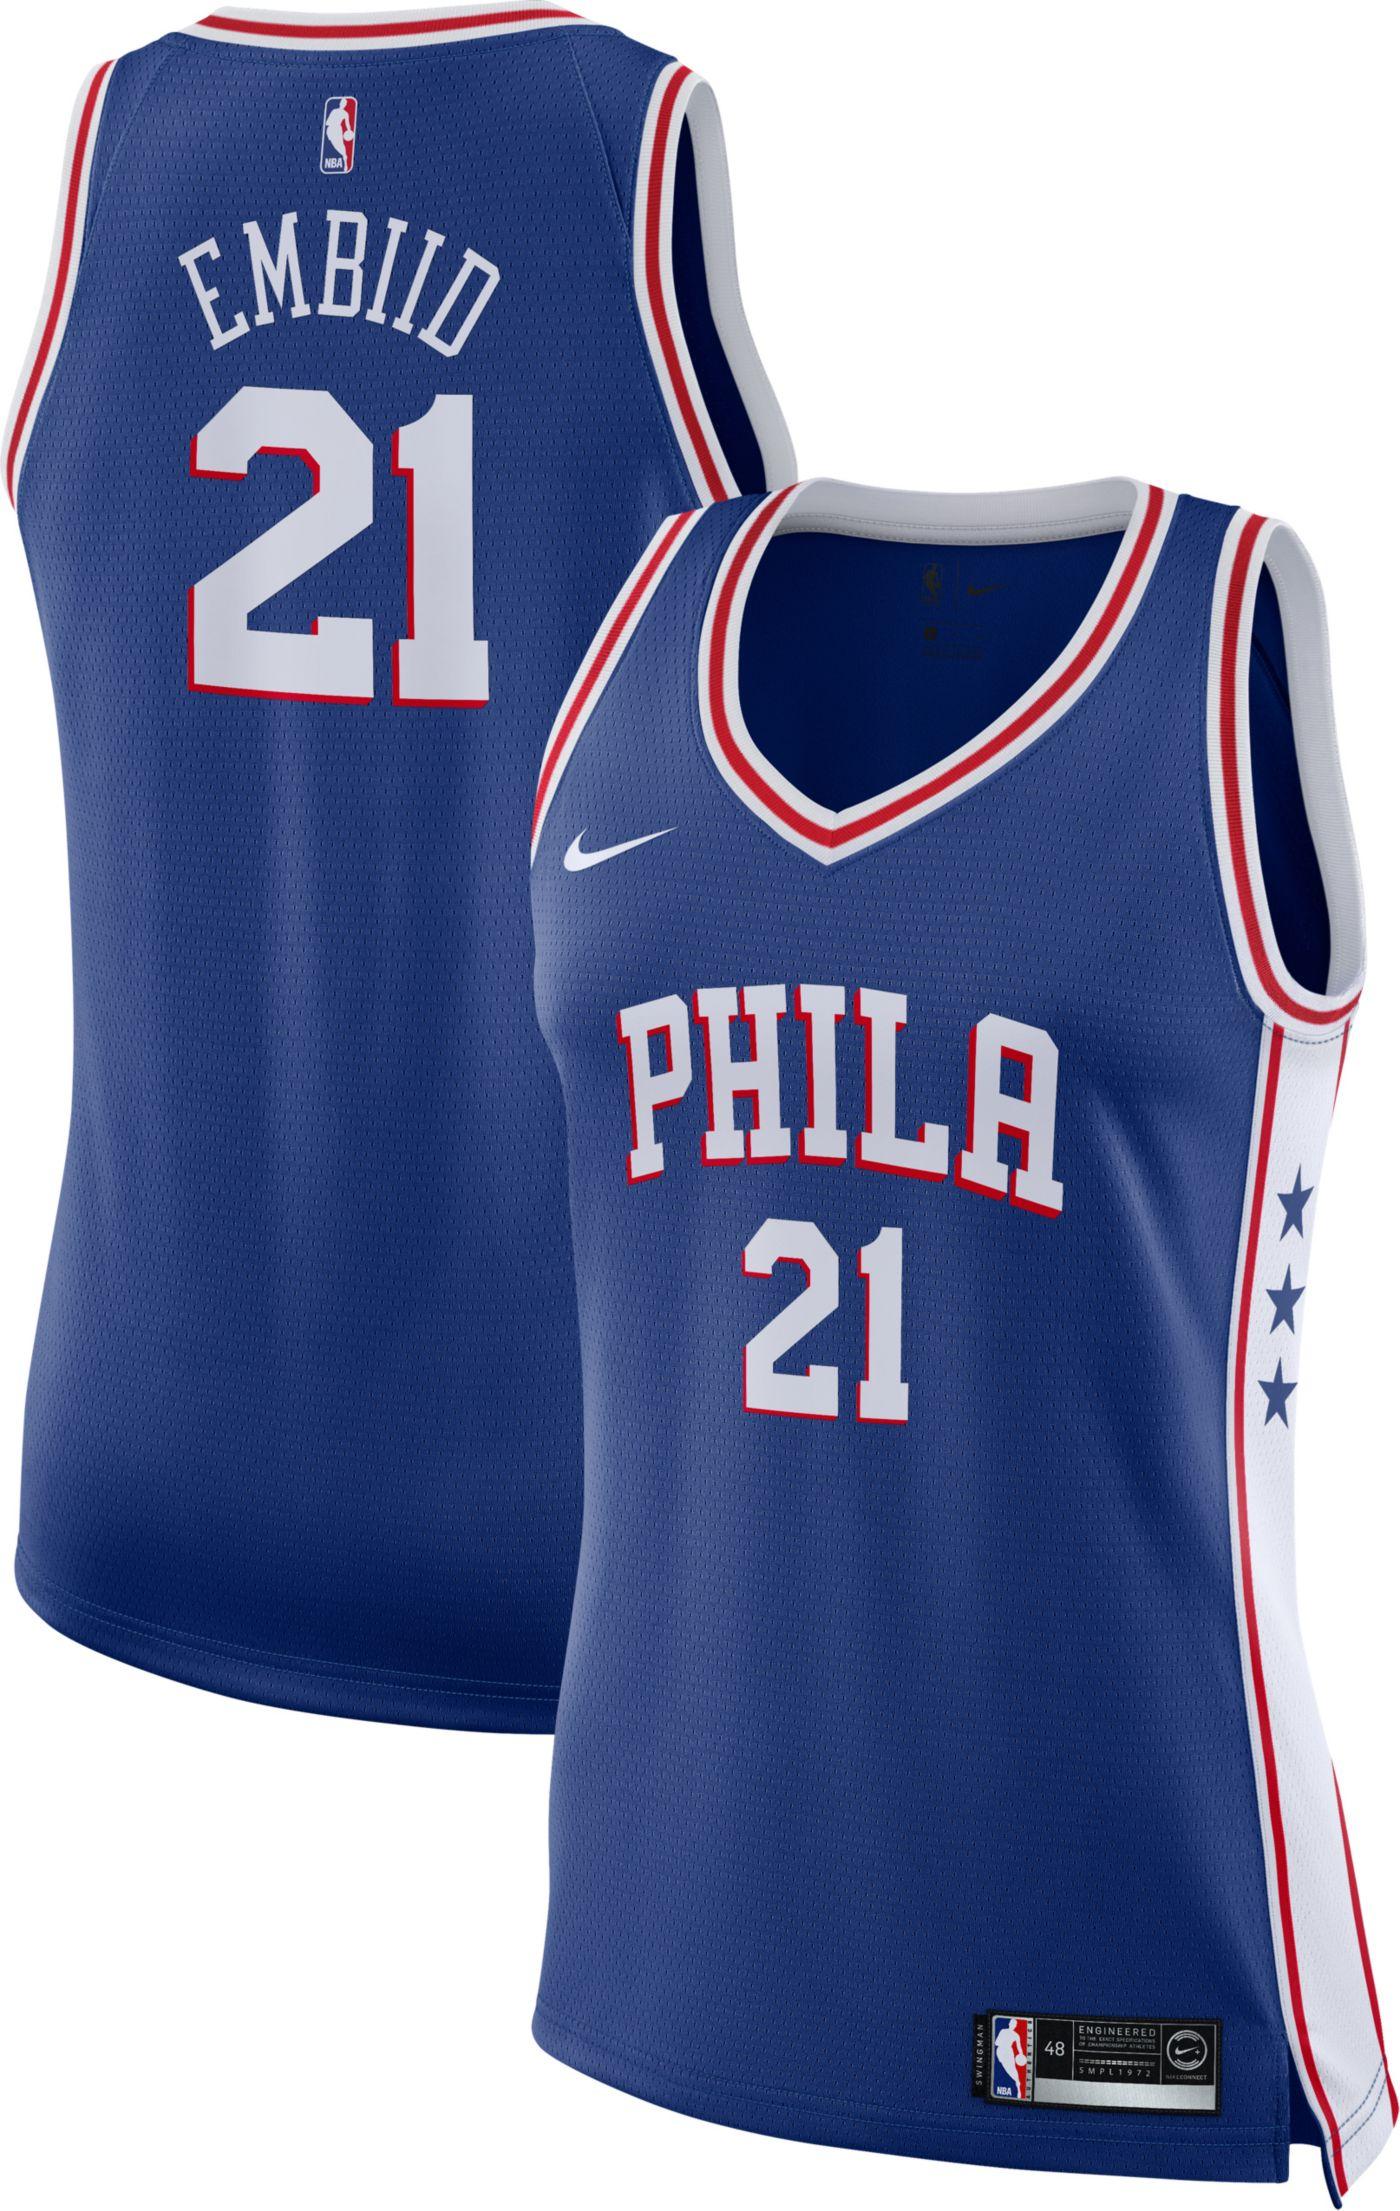 Nike Women's Philadelphia 76ers Joel Embiid #21 Royal Dri-FIT Swingman Jersey